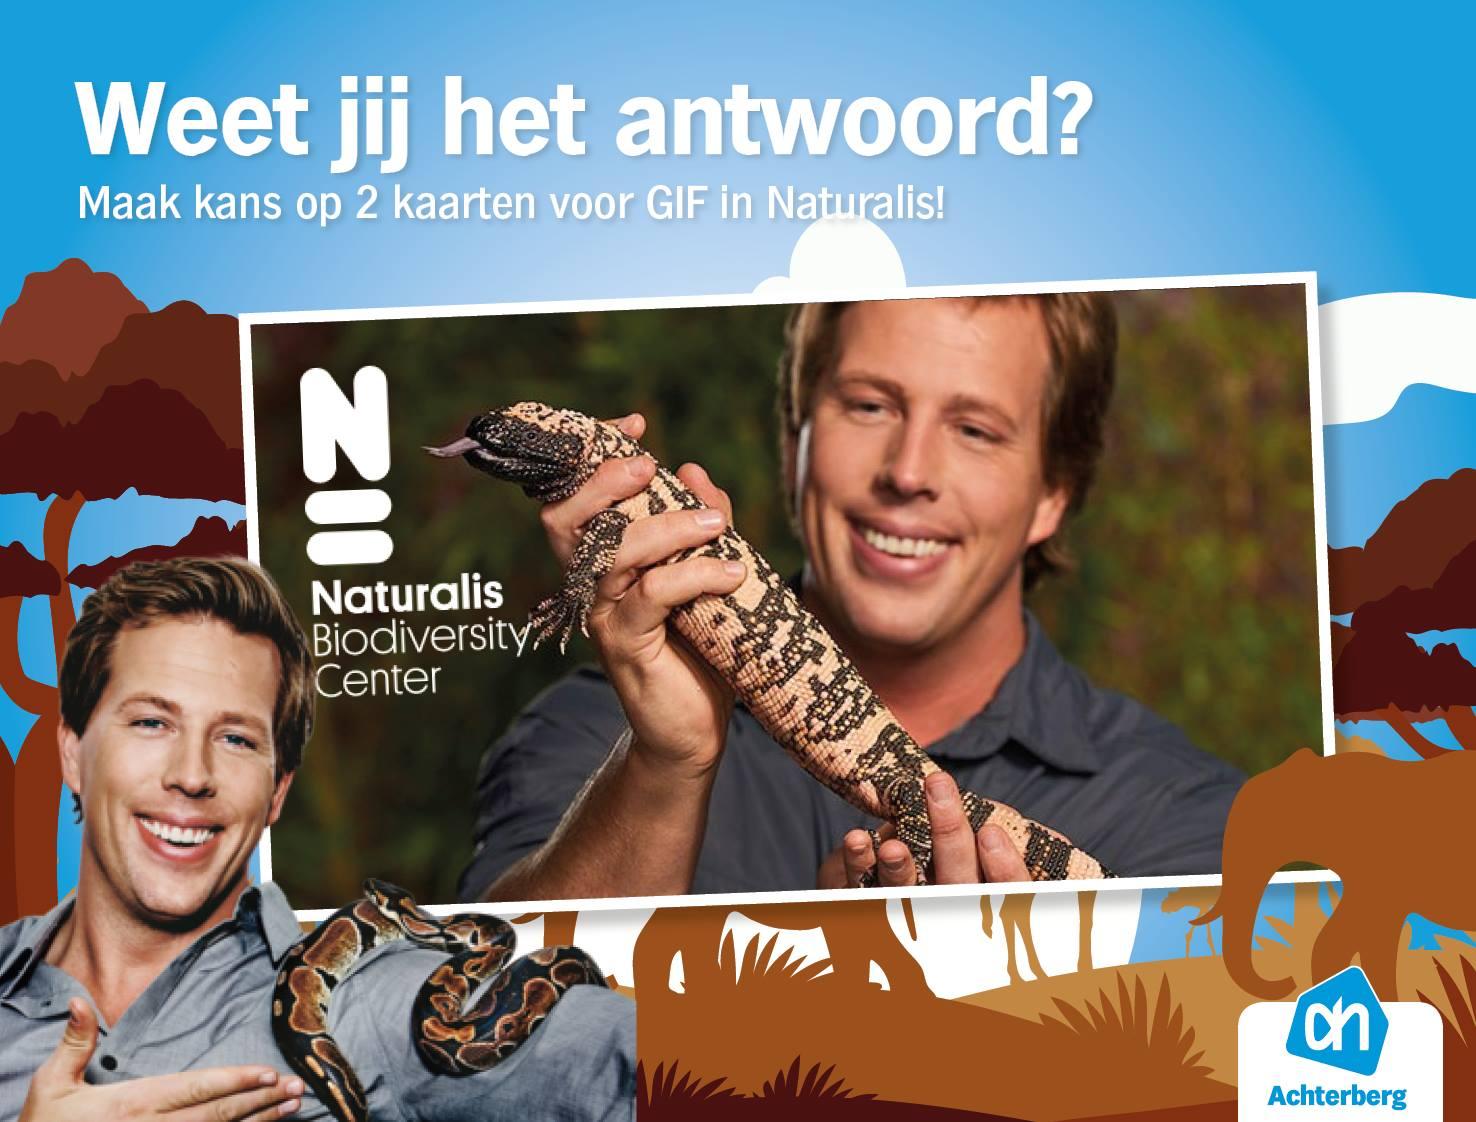 Maak kans op 2 kaarten voor GIF in Naturalis!